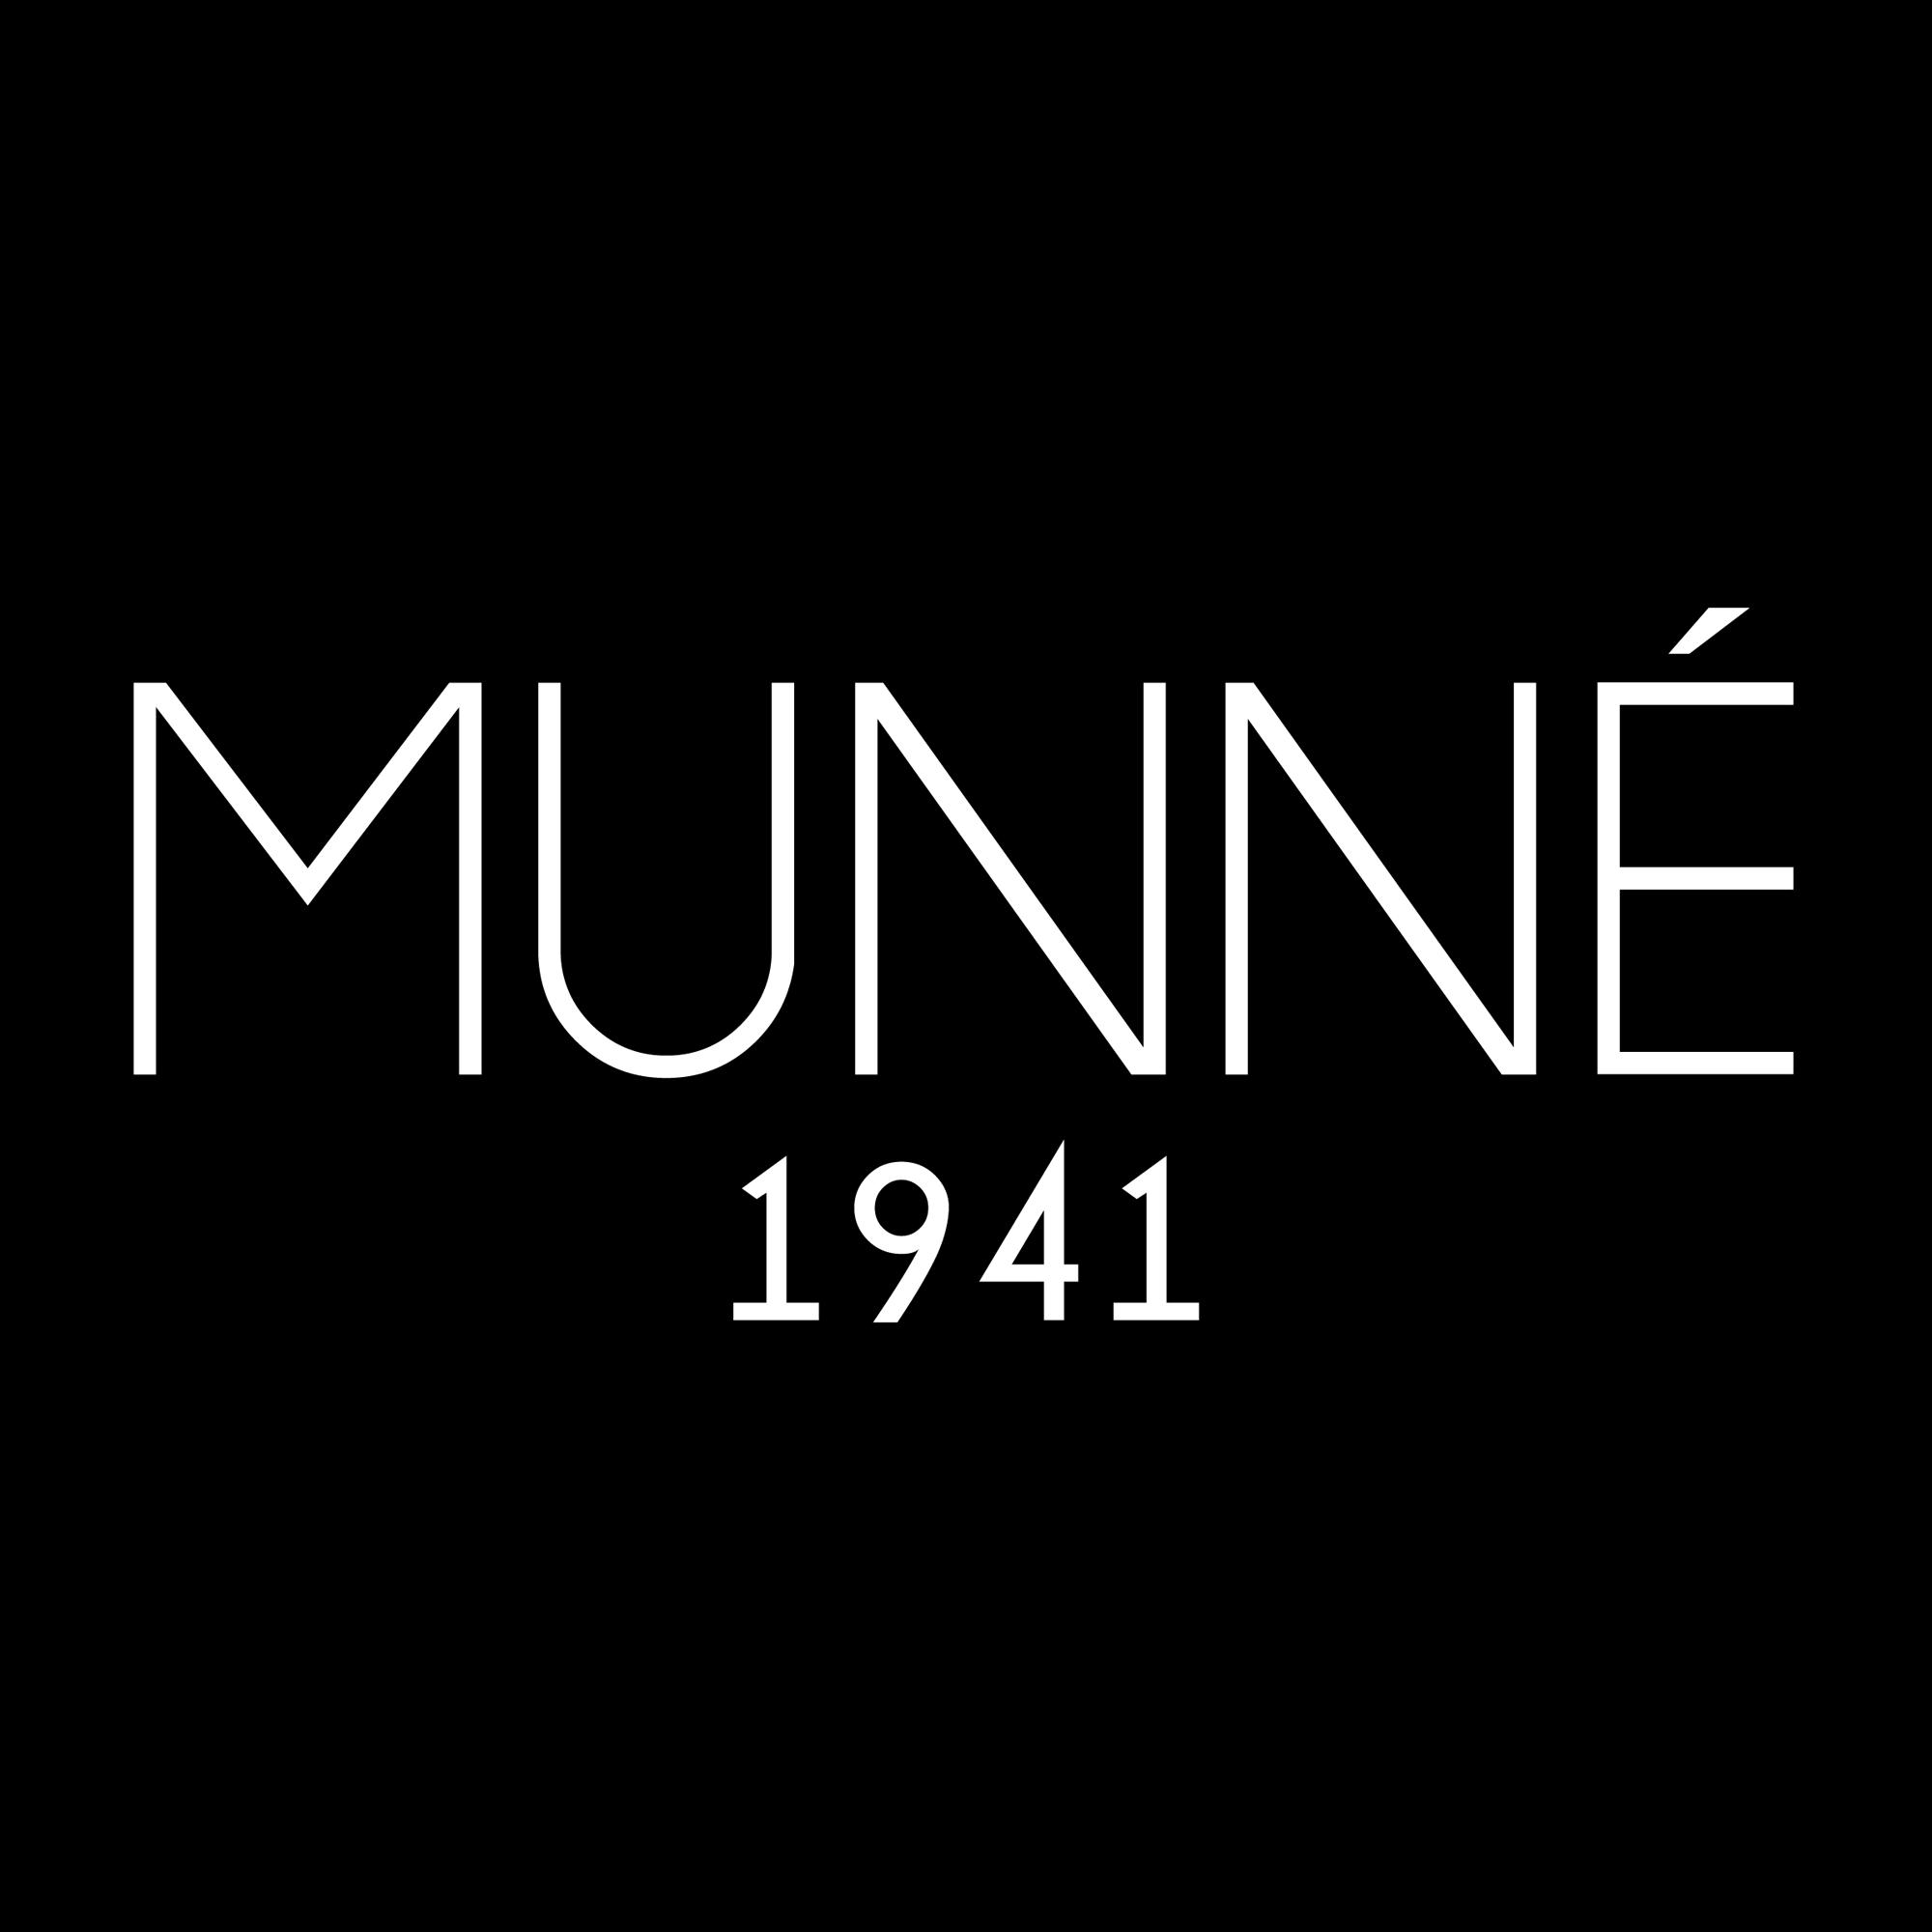 Logo comerç CALÇATS MUNNÉ 1941